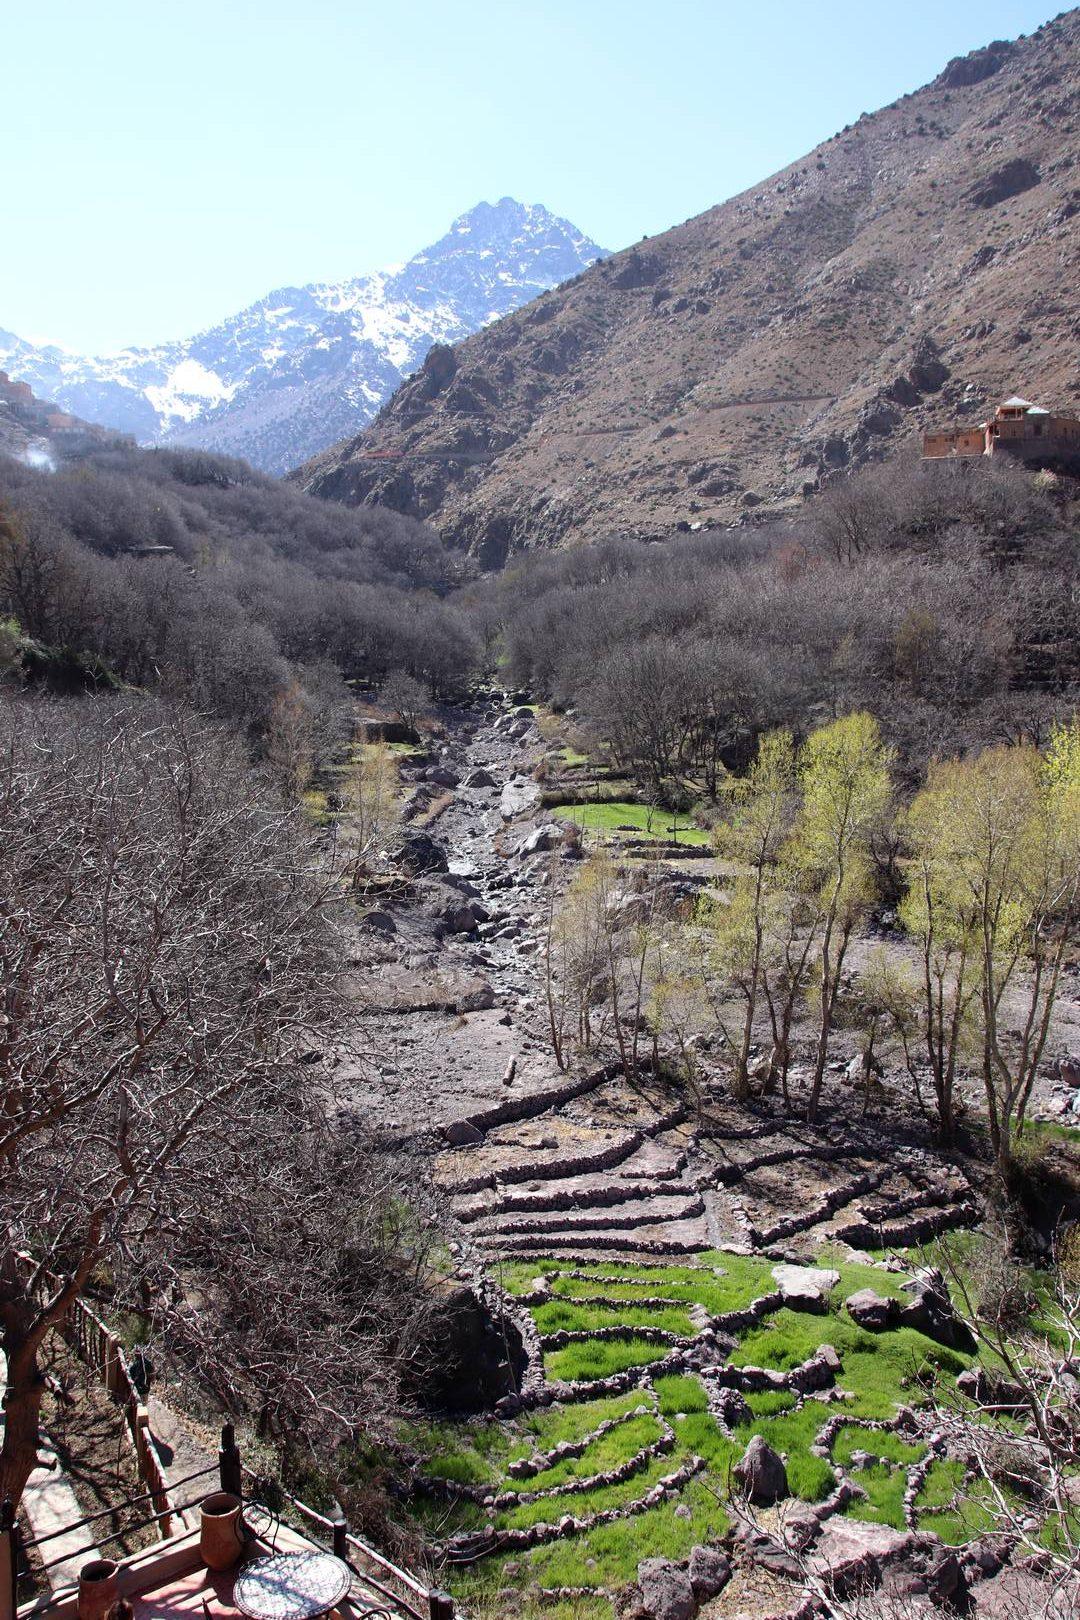 Maroc - Randonnée dans la vallée d'Imlil